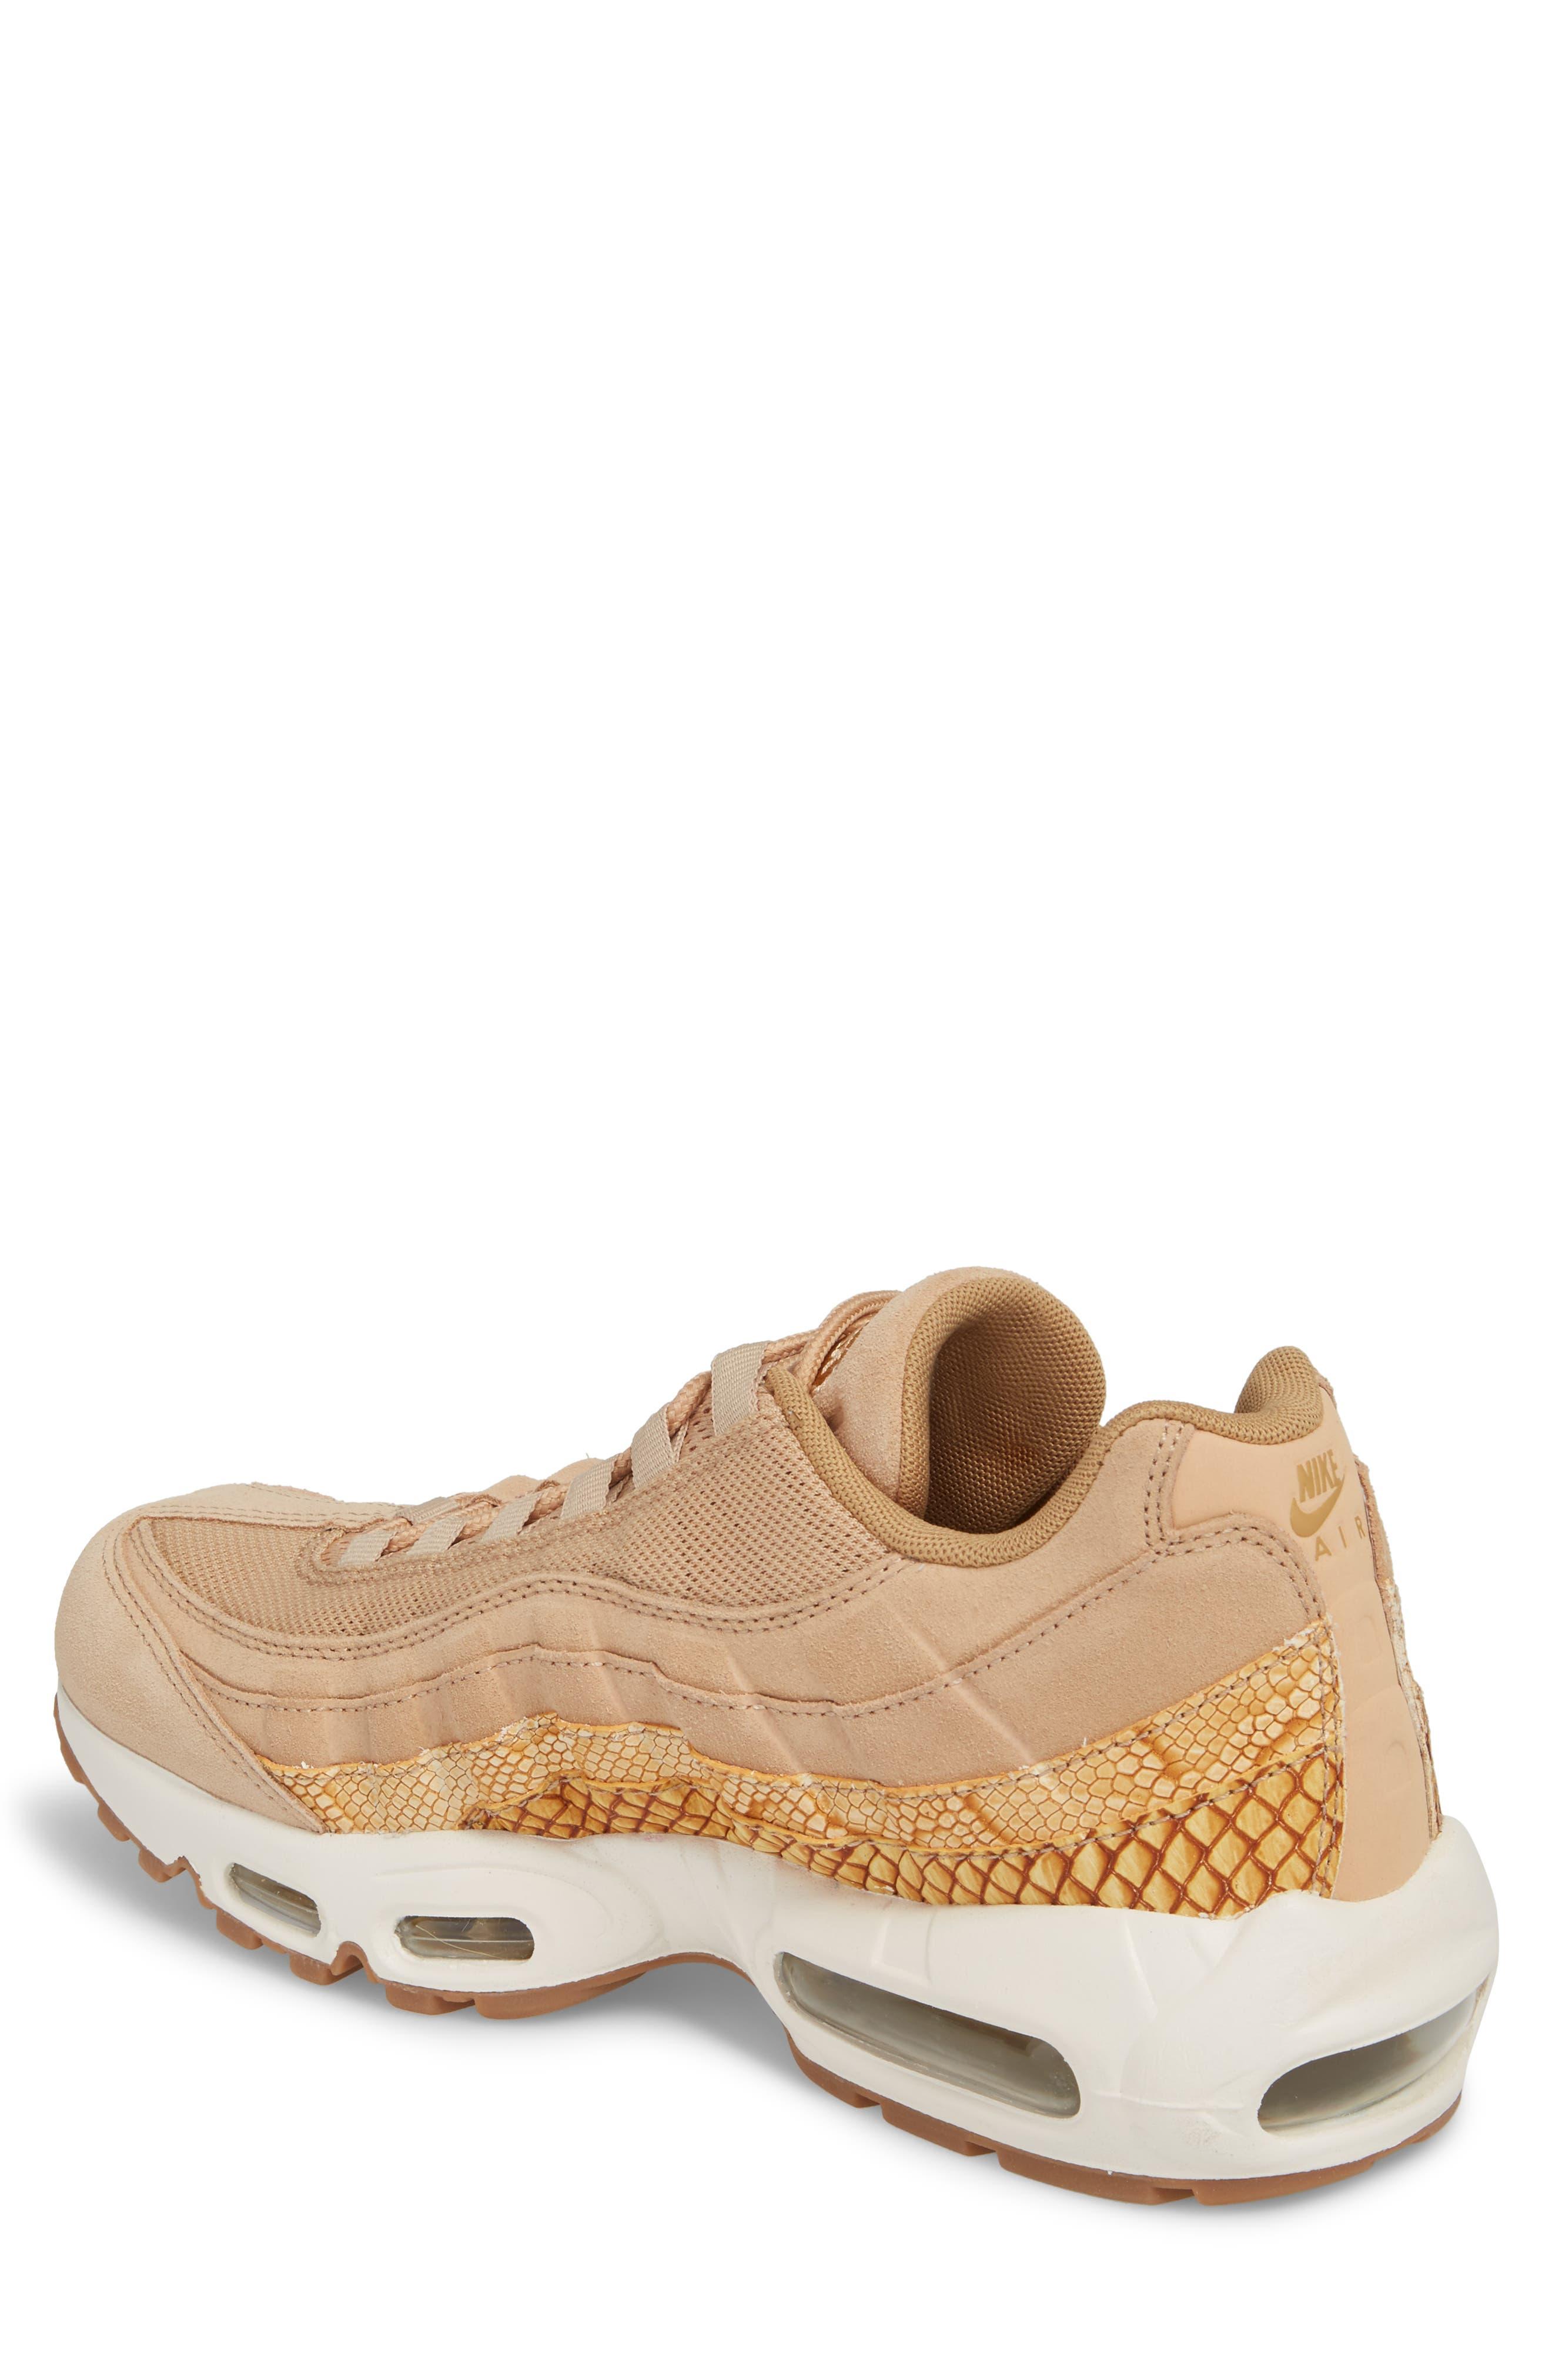 Air Max 95 Premium SE Sneaker,                             Alternate thumbnail 2, color,                             TAN/ TAN/ ELEMENTAL GOLD